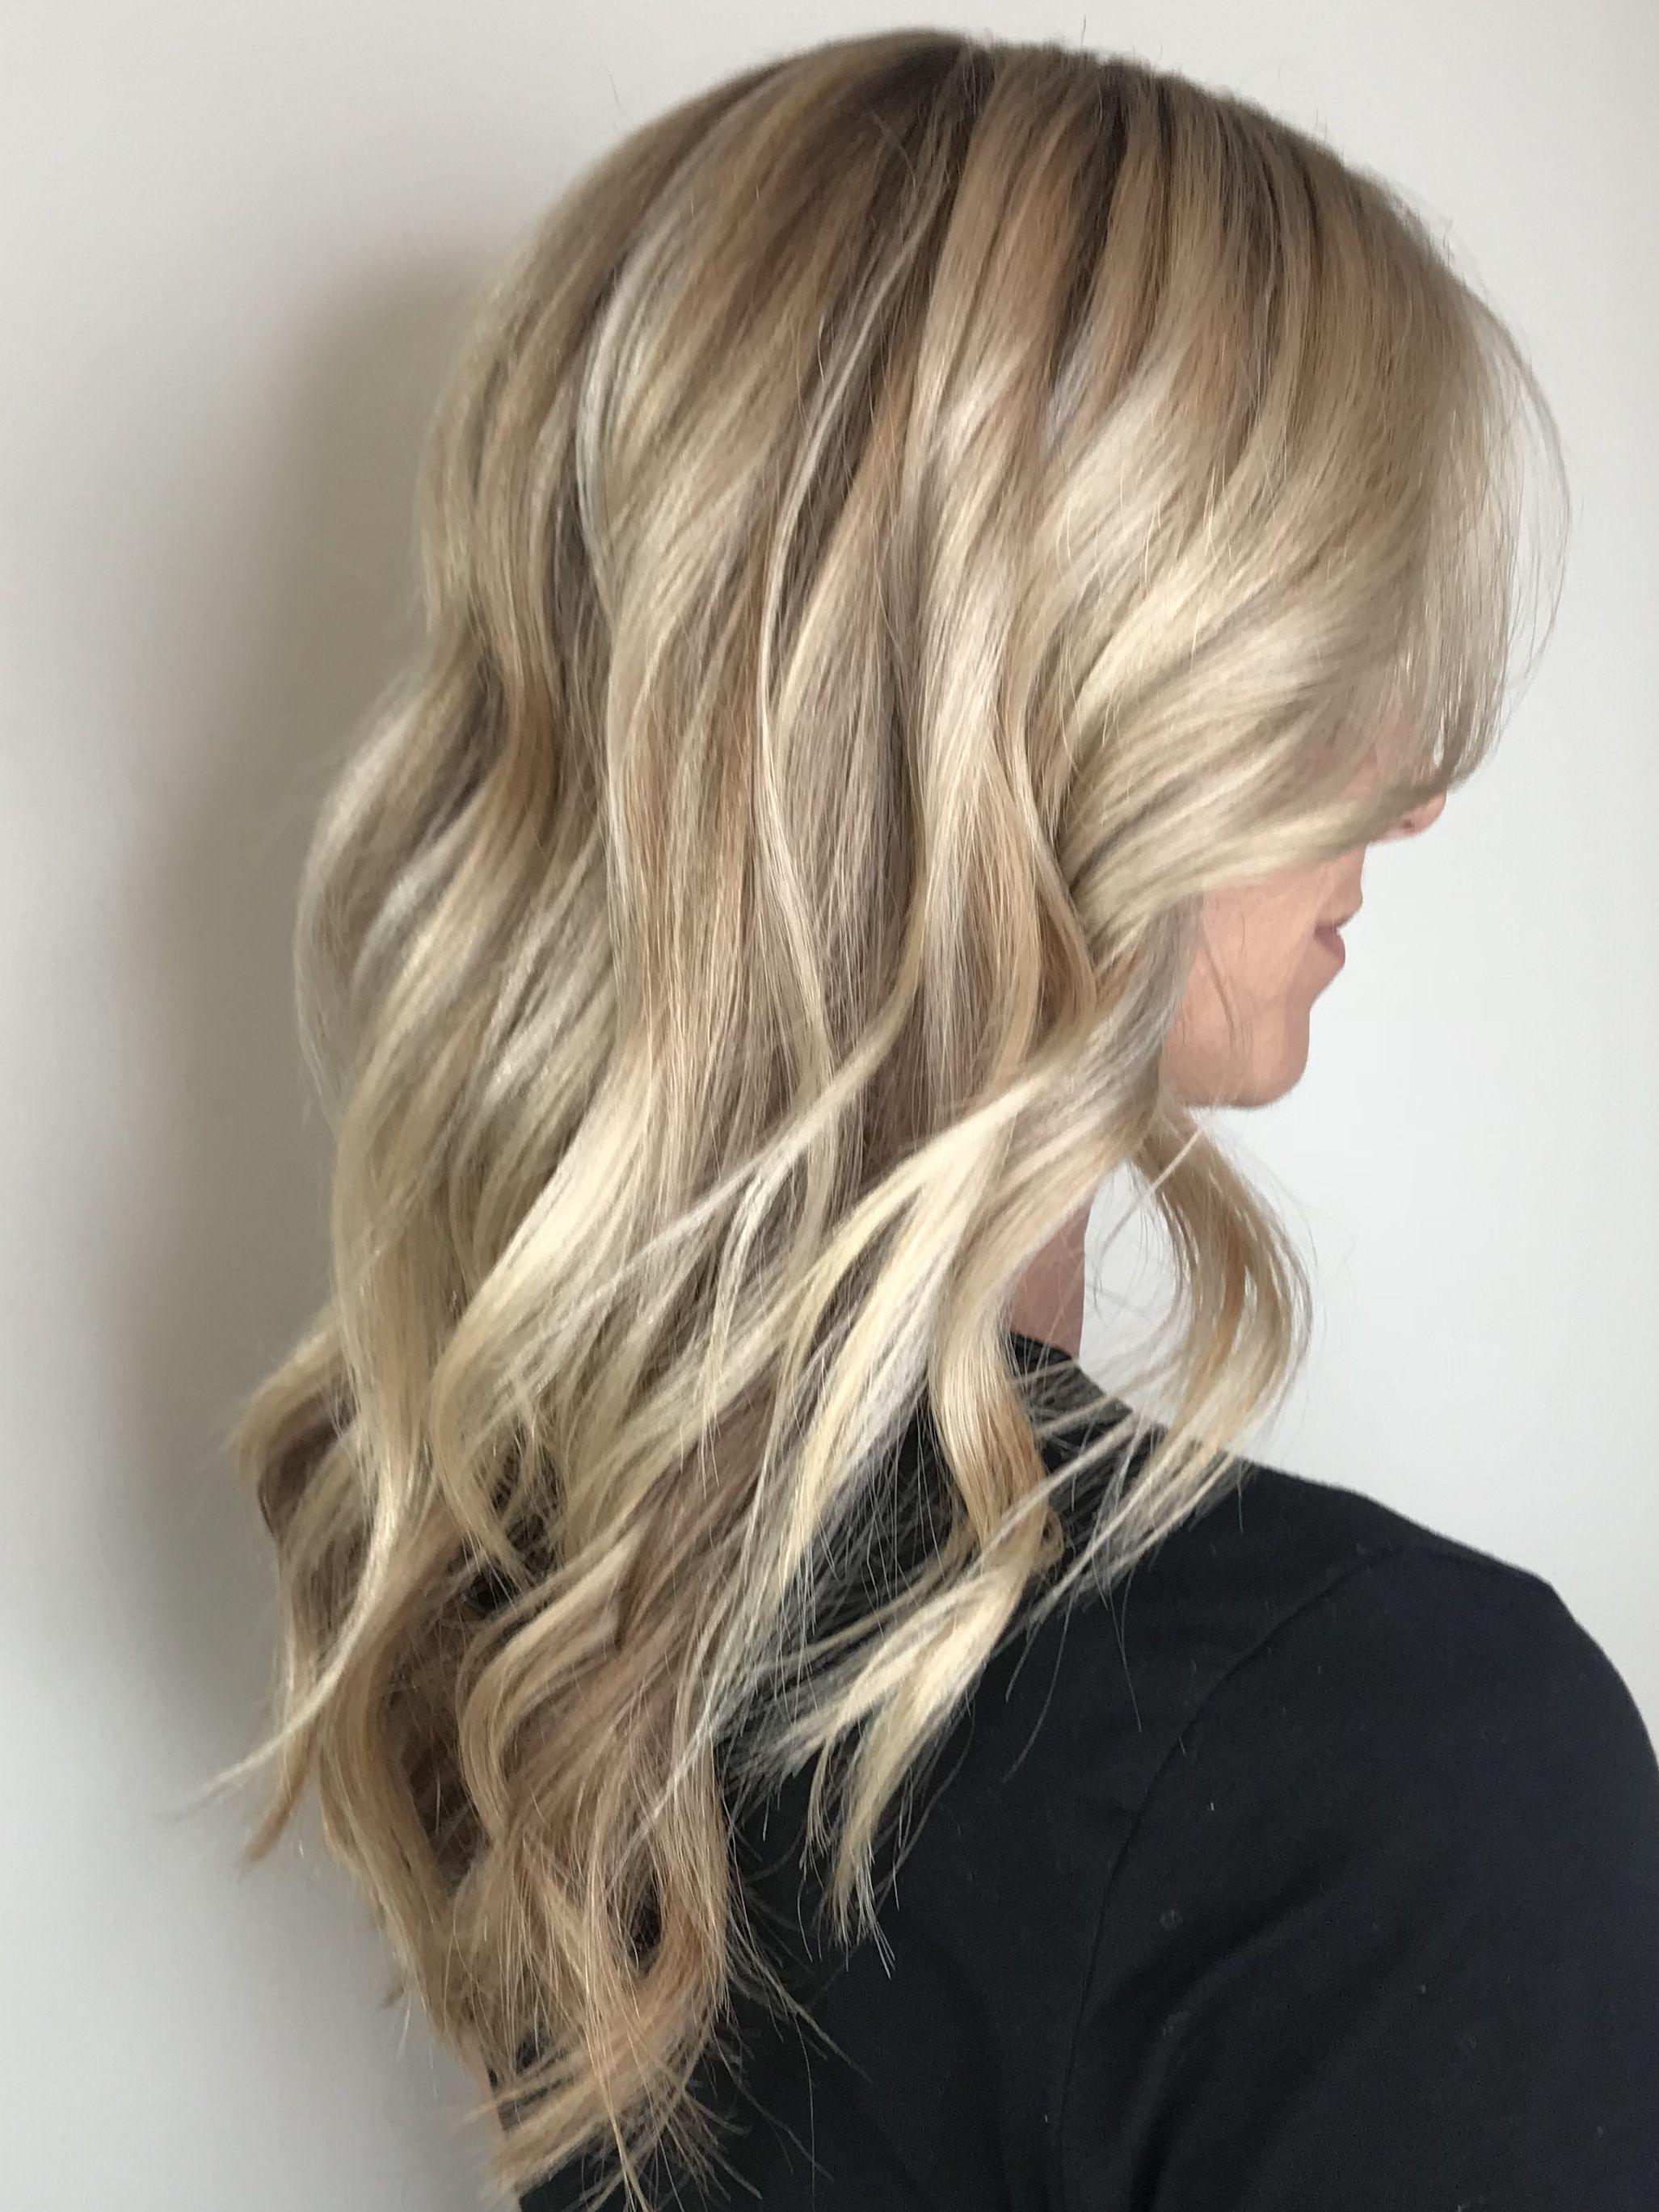 Blonde Hair Balayage Balayage Hair Blonde Medium Length Blonde Balayage Hair